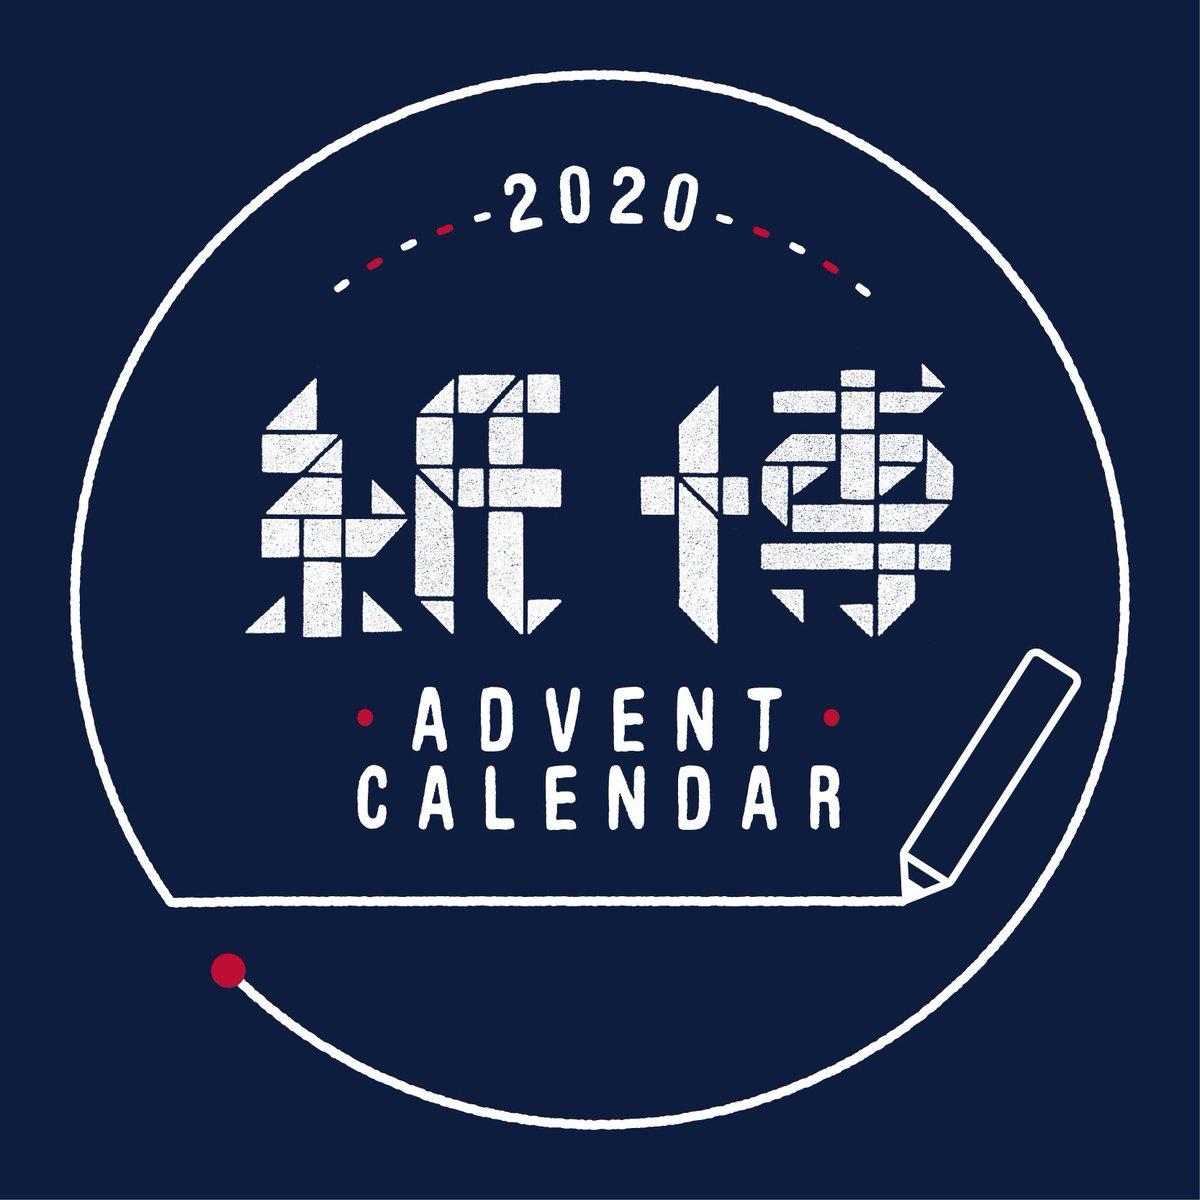 【「紙博 in 仙台」アドベントカレンダー企画】開催日に向けてのワクワクがさらに盛り上がるように、紙博アドベントカレンダー(@kamihaku_advent_calendar)というInstagramアカウントを開設いたしました! ▼紙博アドベントカレンダーの詳細はこちら